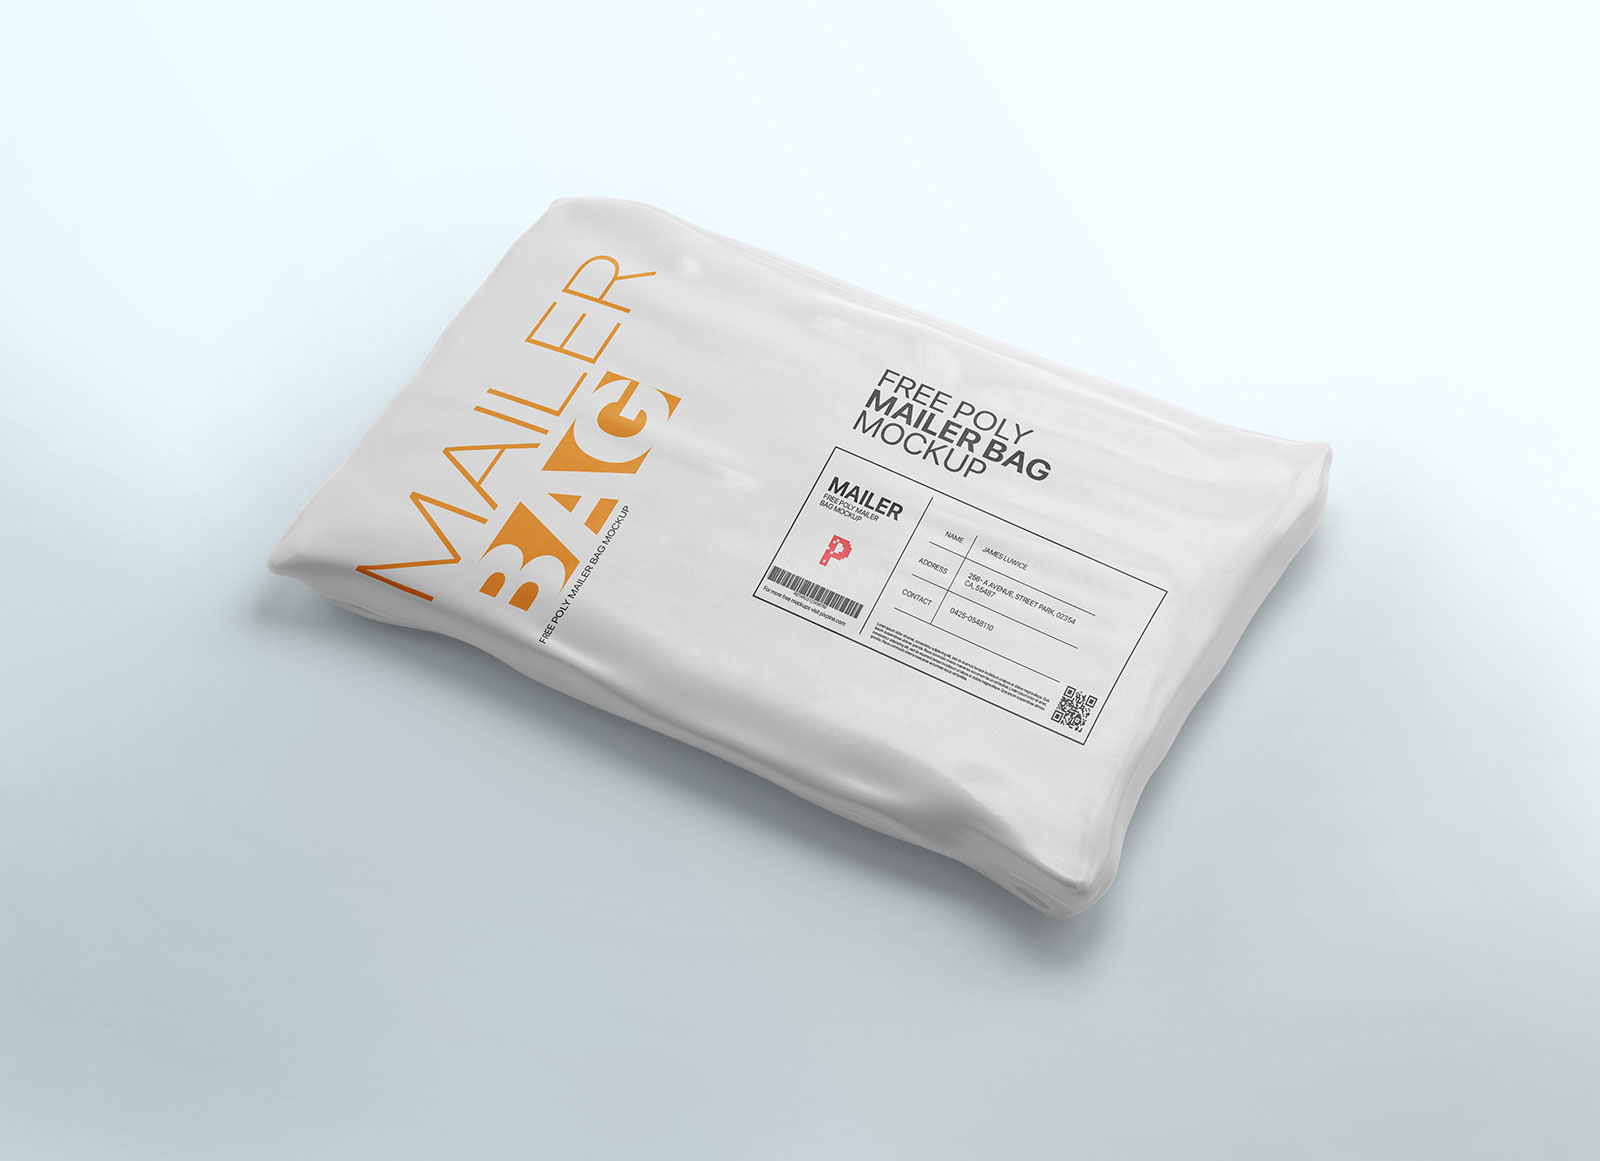 Free-Poly-Mailer-Envelope-Bag-Mockup-PSD